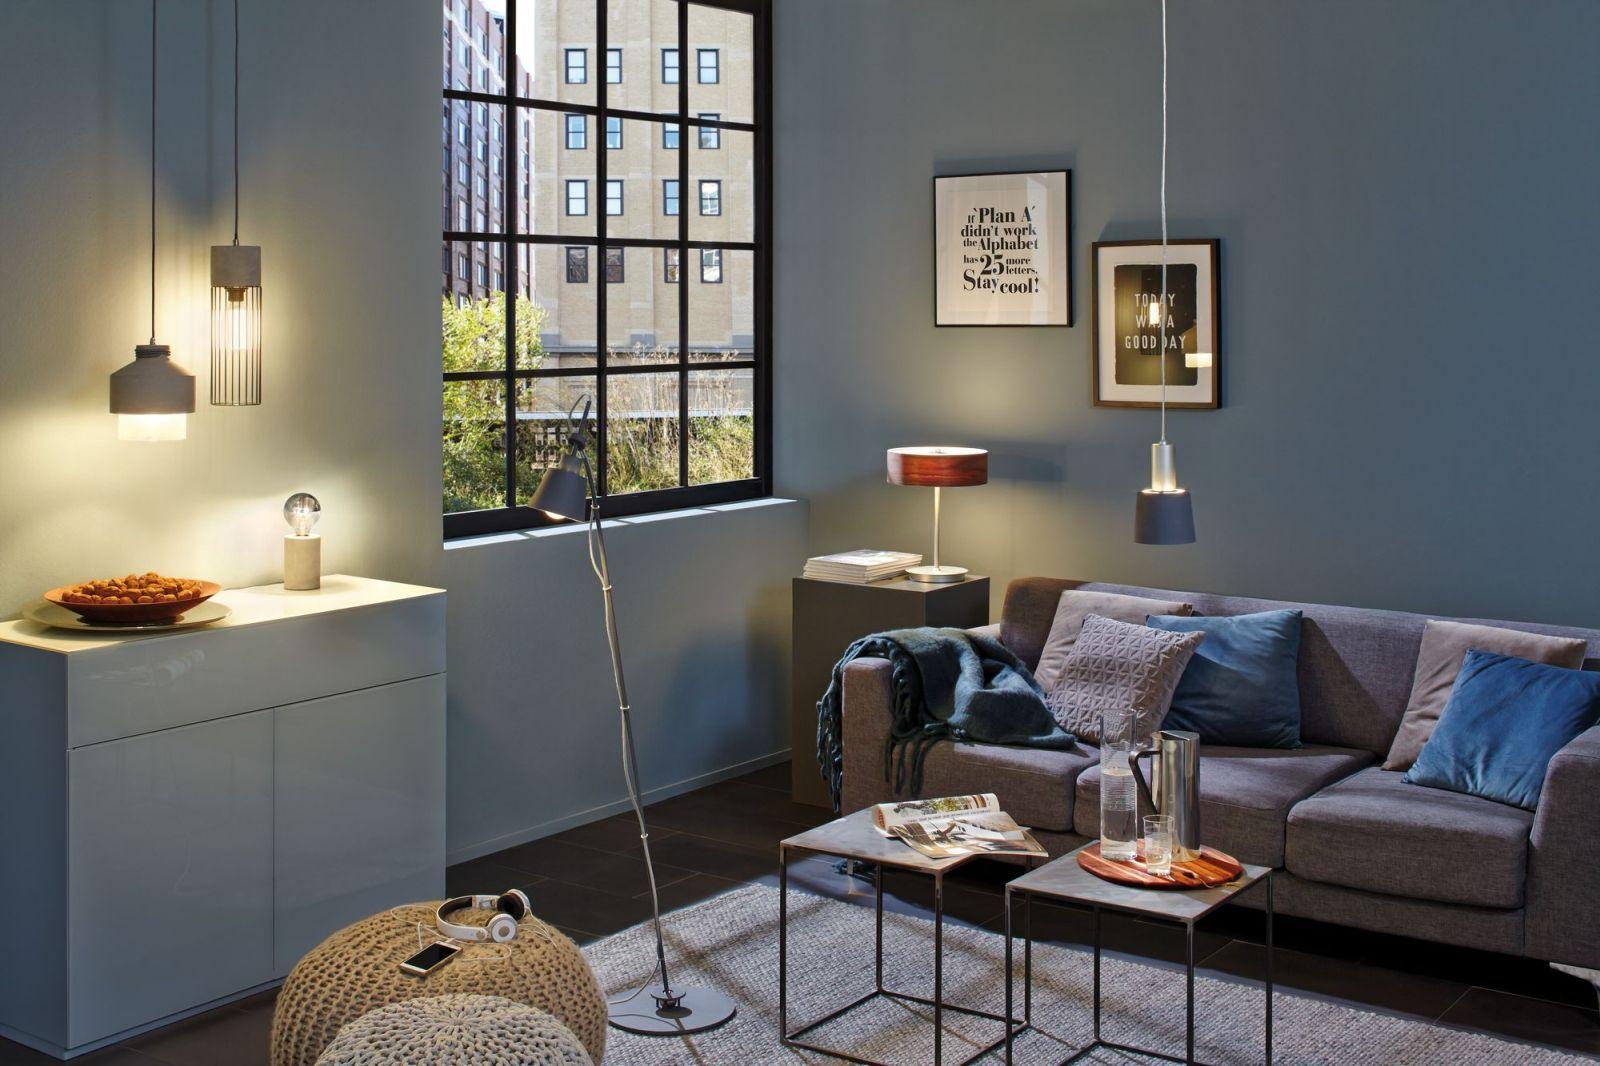 Inspirational Lampen im nordischen Style Mit Paulmann Neordic trifft nordische Eleganz auf den modernen Einrichtungsstil